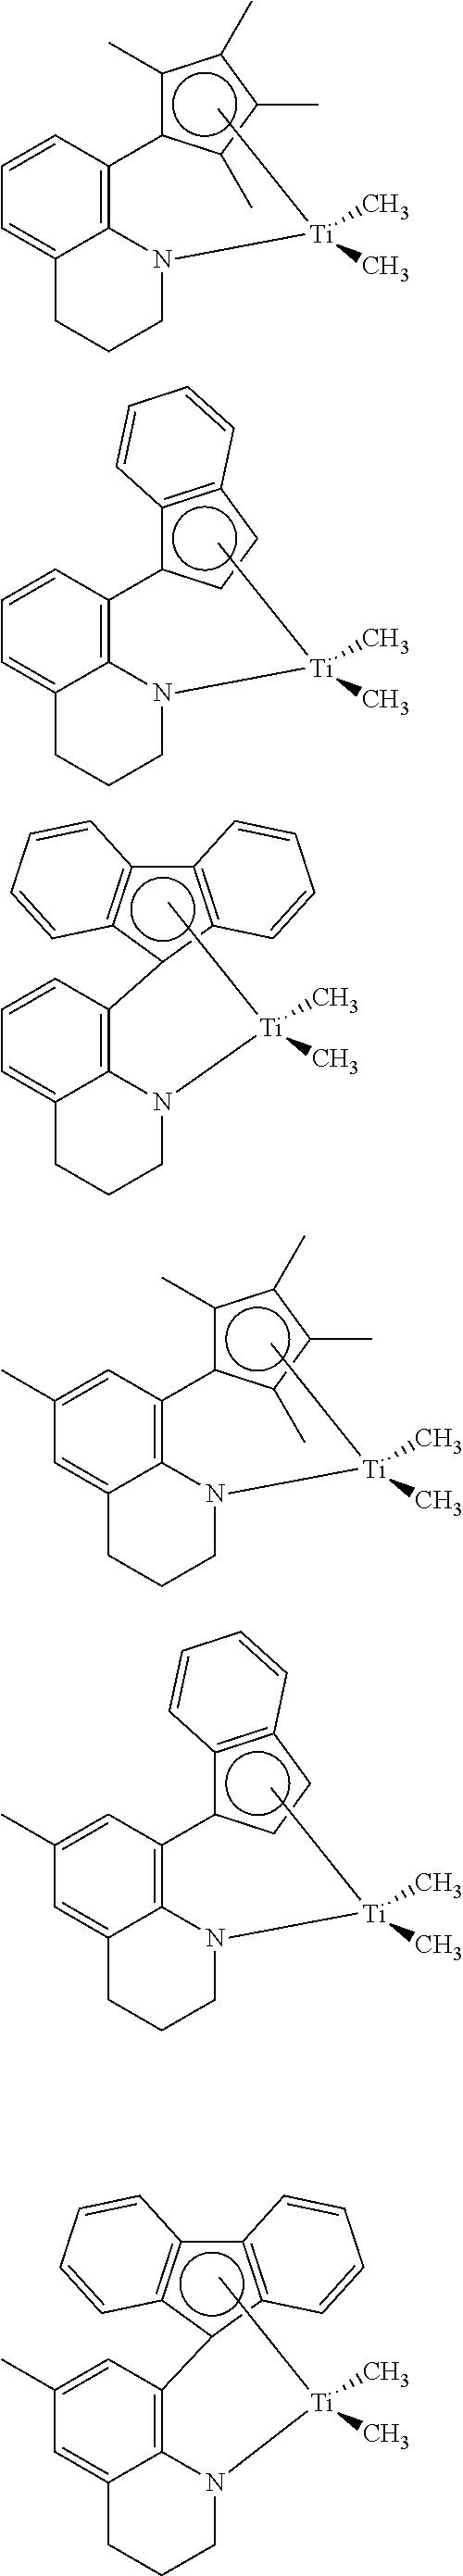 Figure US20110177935A1-20110721-C00031